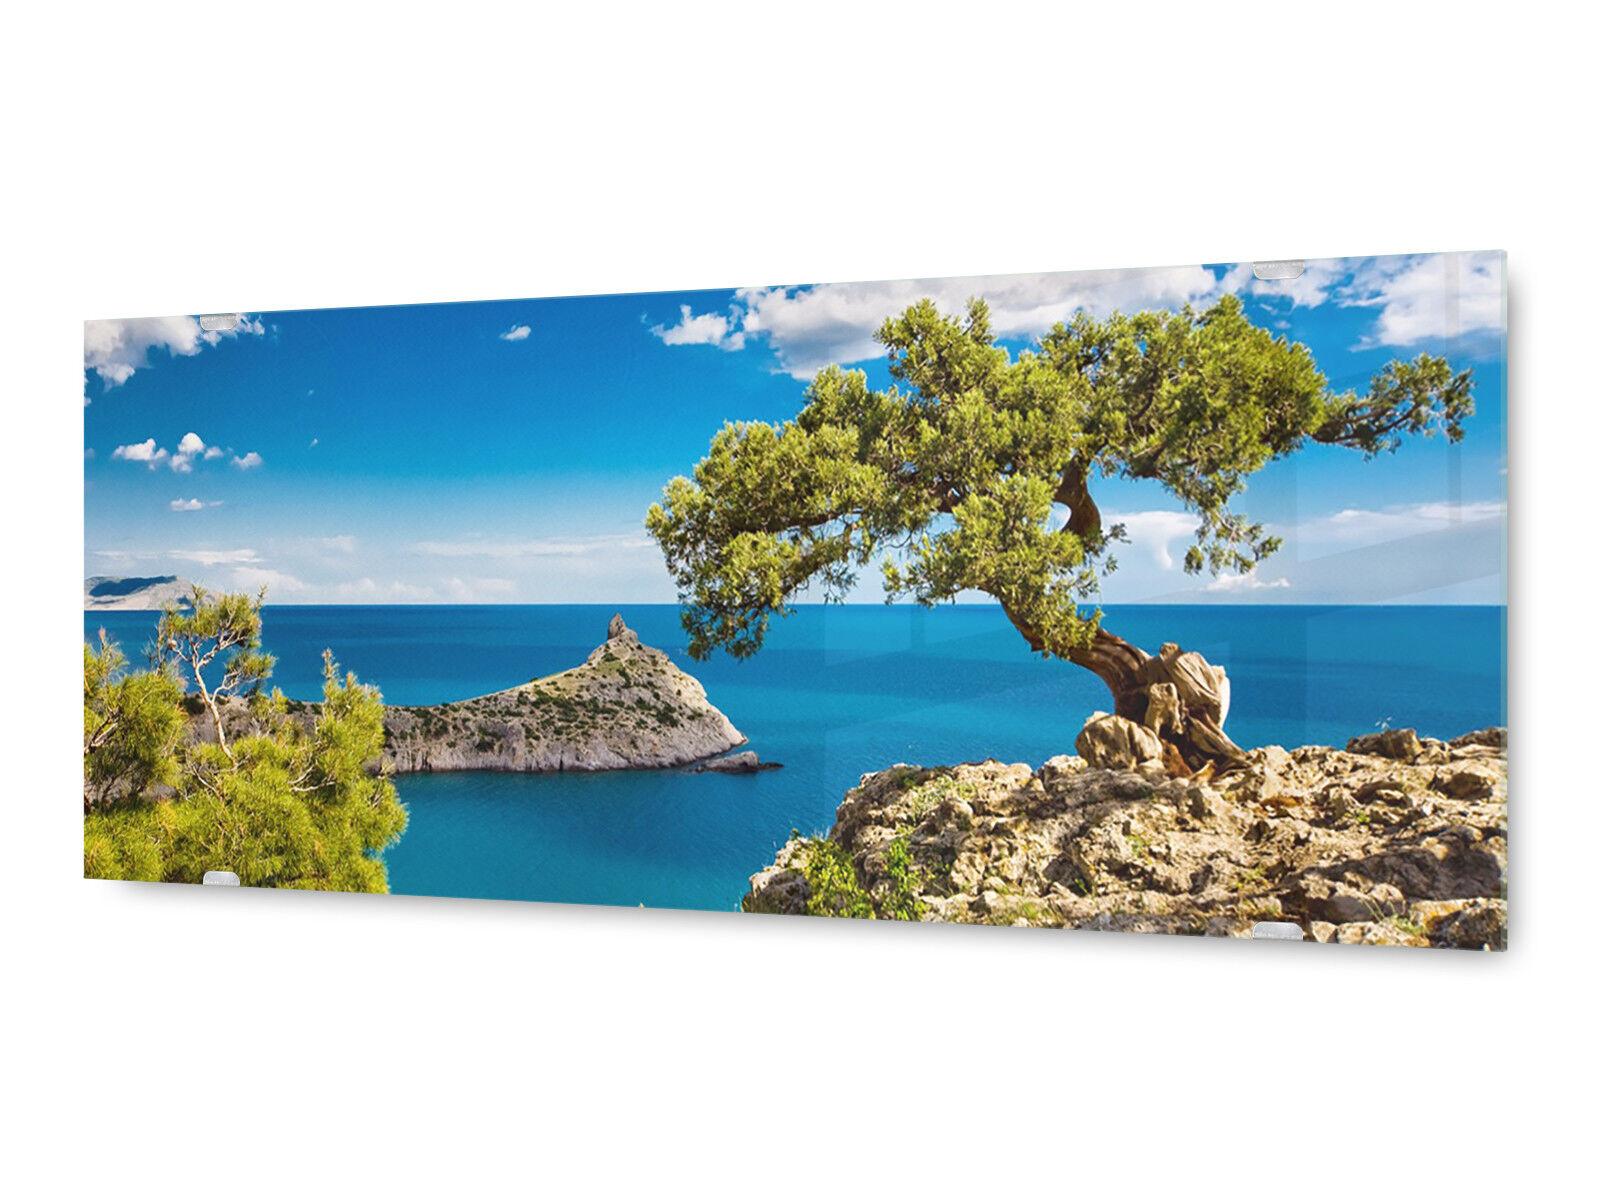 Glasbild Wandbild GLX12527211758 Griechenland Europa 125 x 50cm